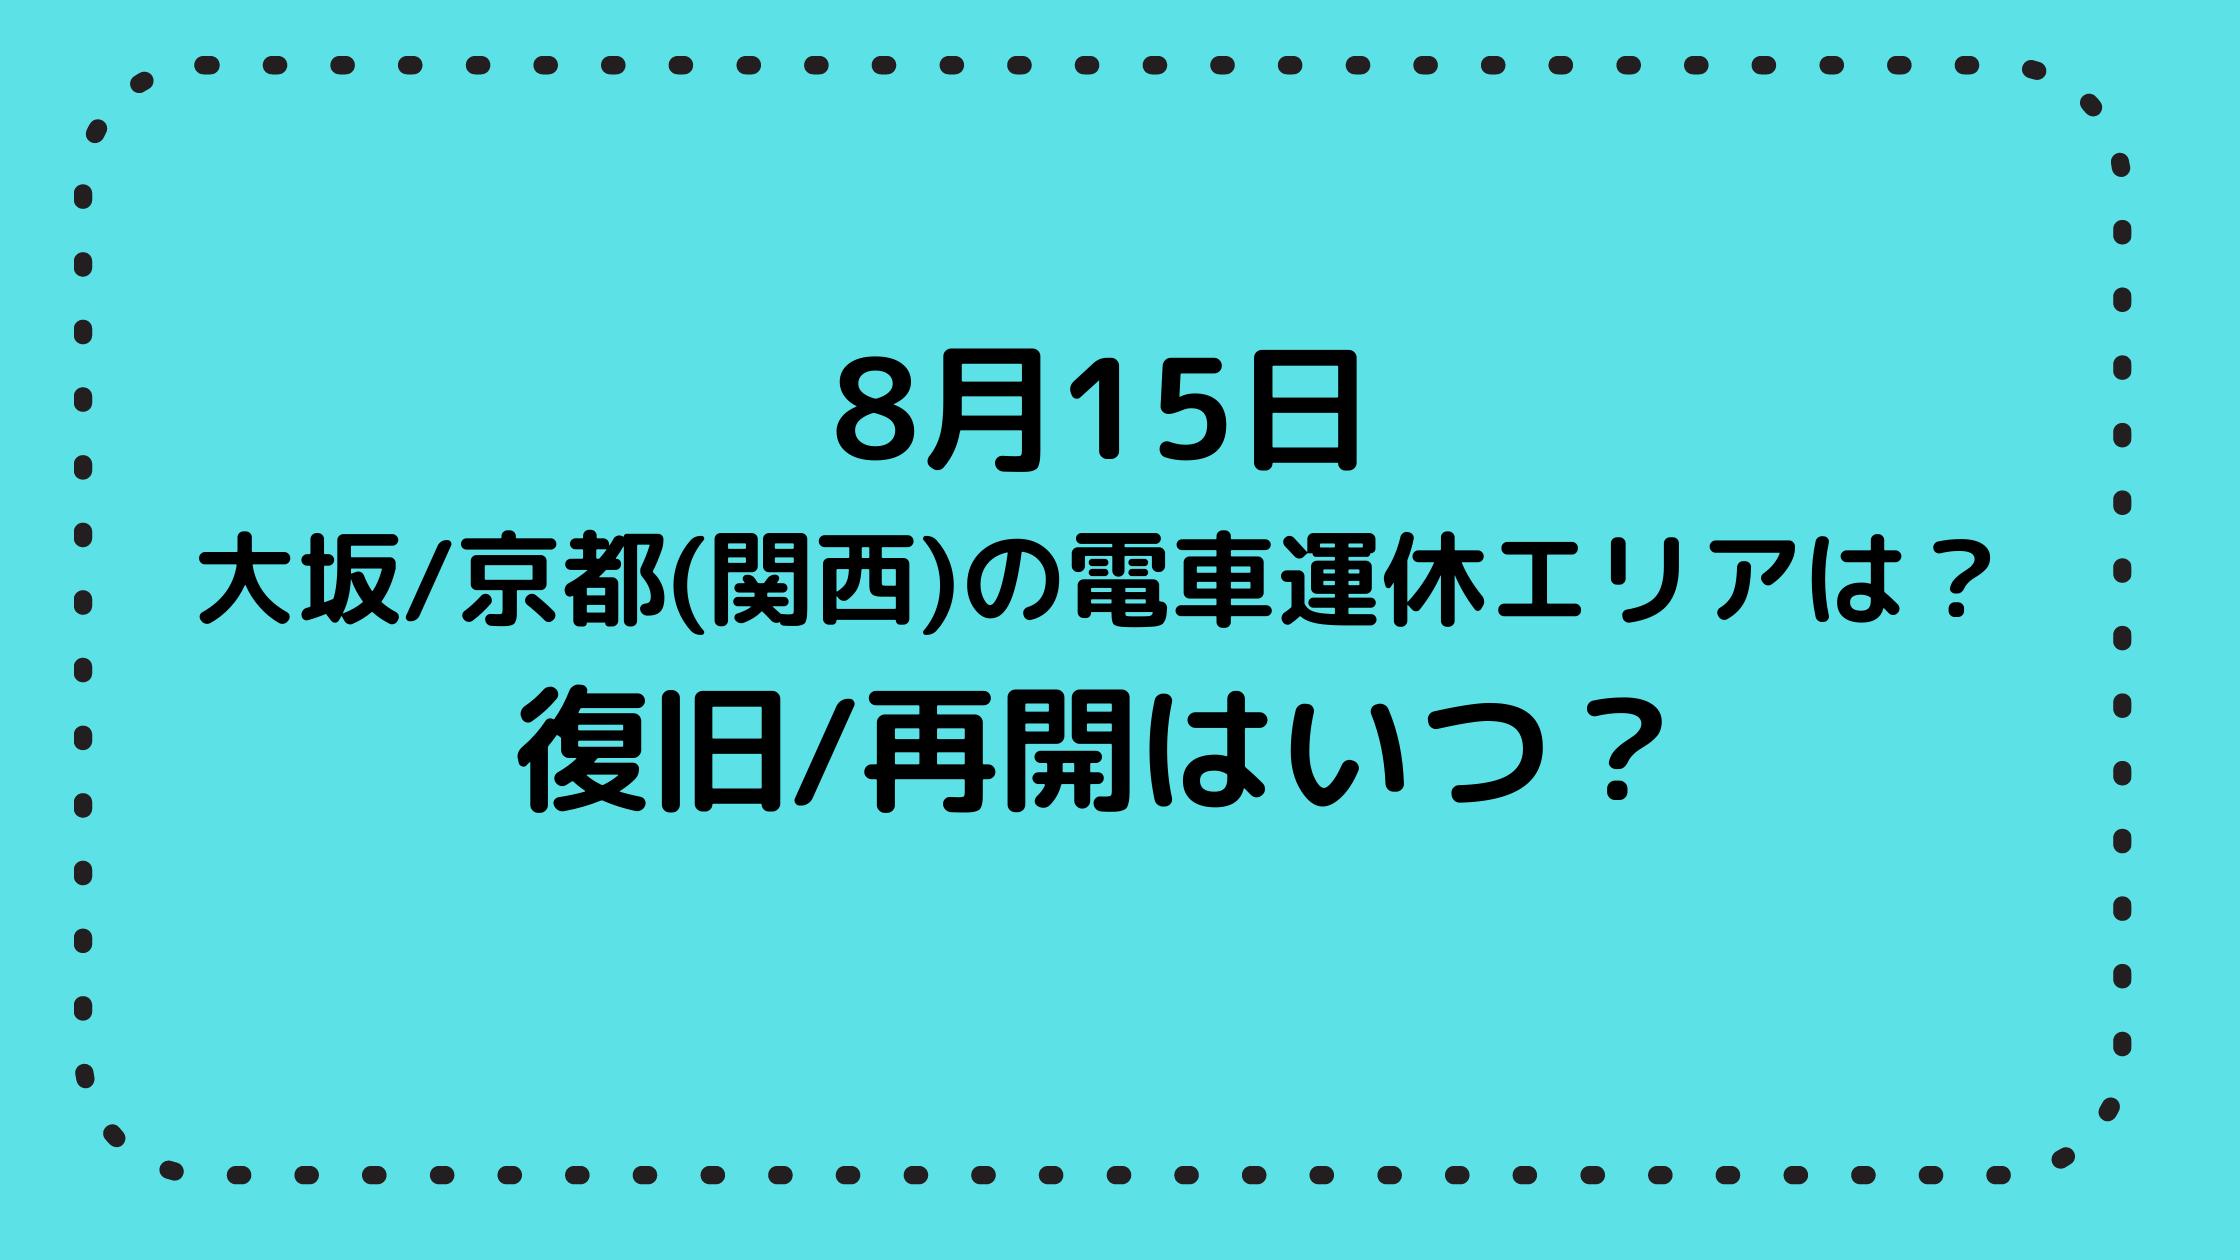 8月15日 大坂・京都(関西)の電車運休エリアは? 復旧再開はいつ?